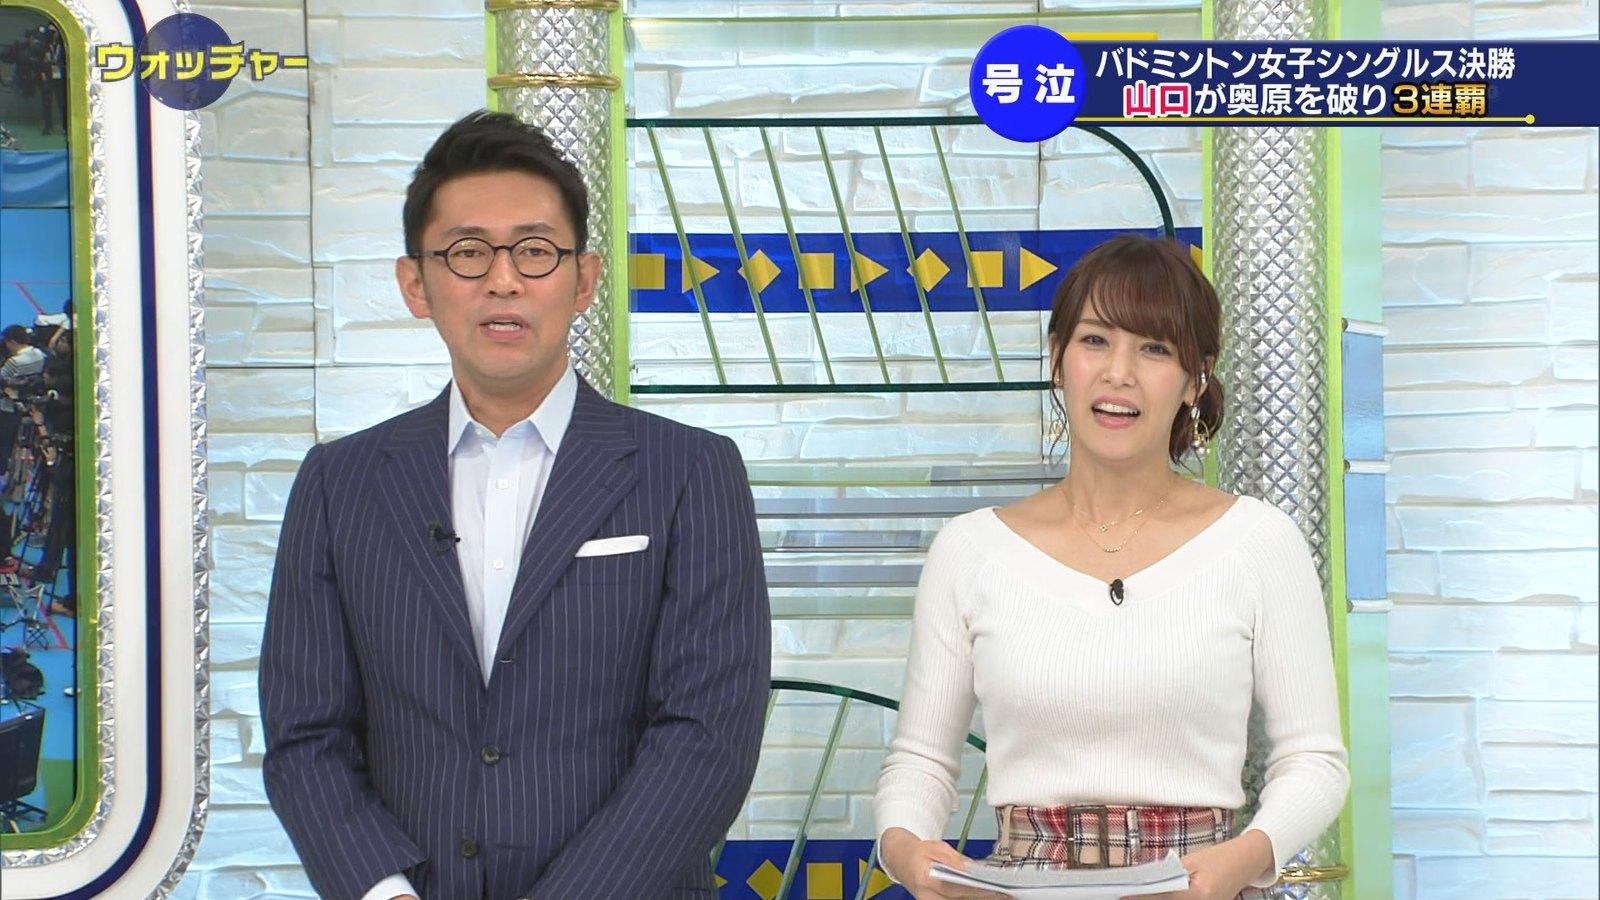 鷲見玲奈_女子アナ_ニットおっぱい_テレビキャプ画像_08